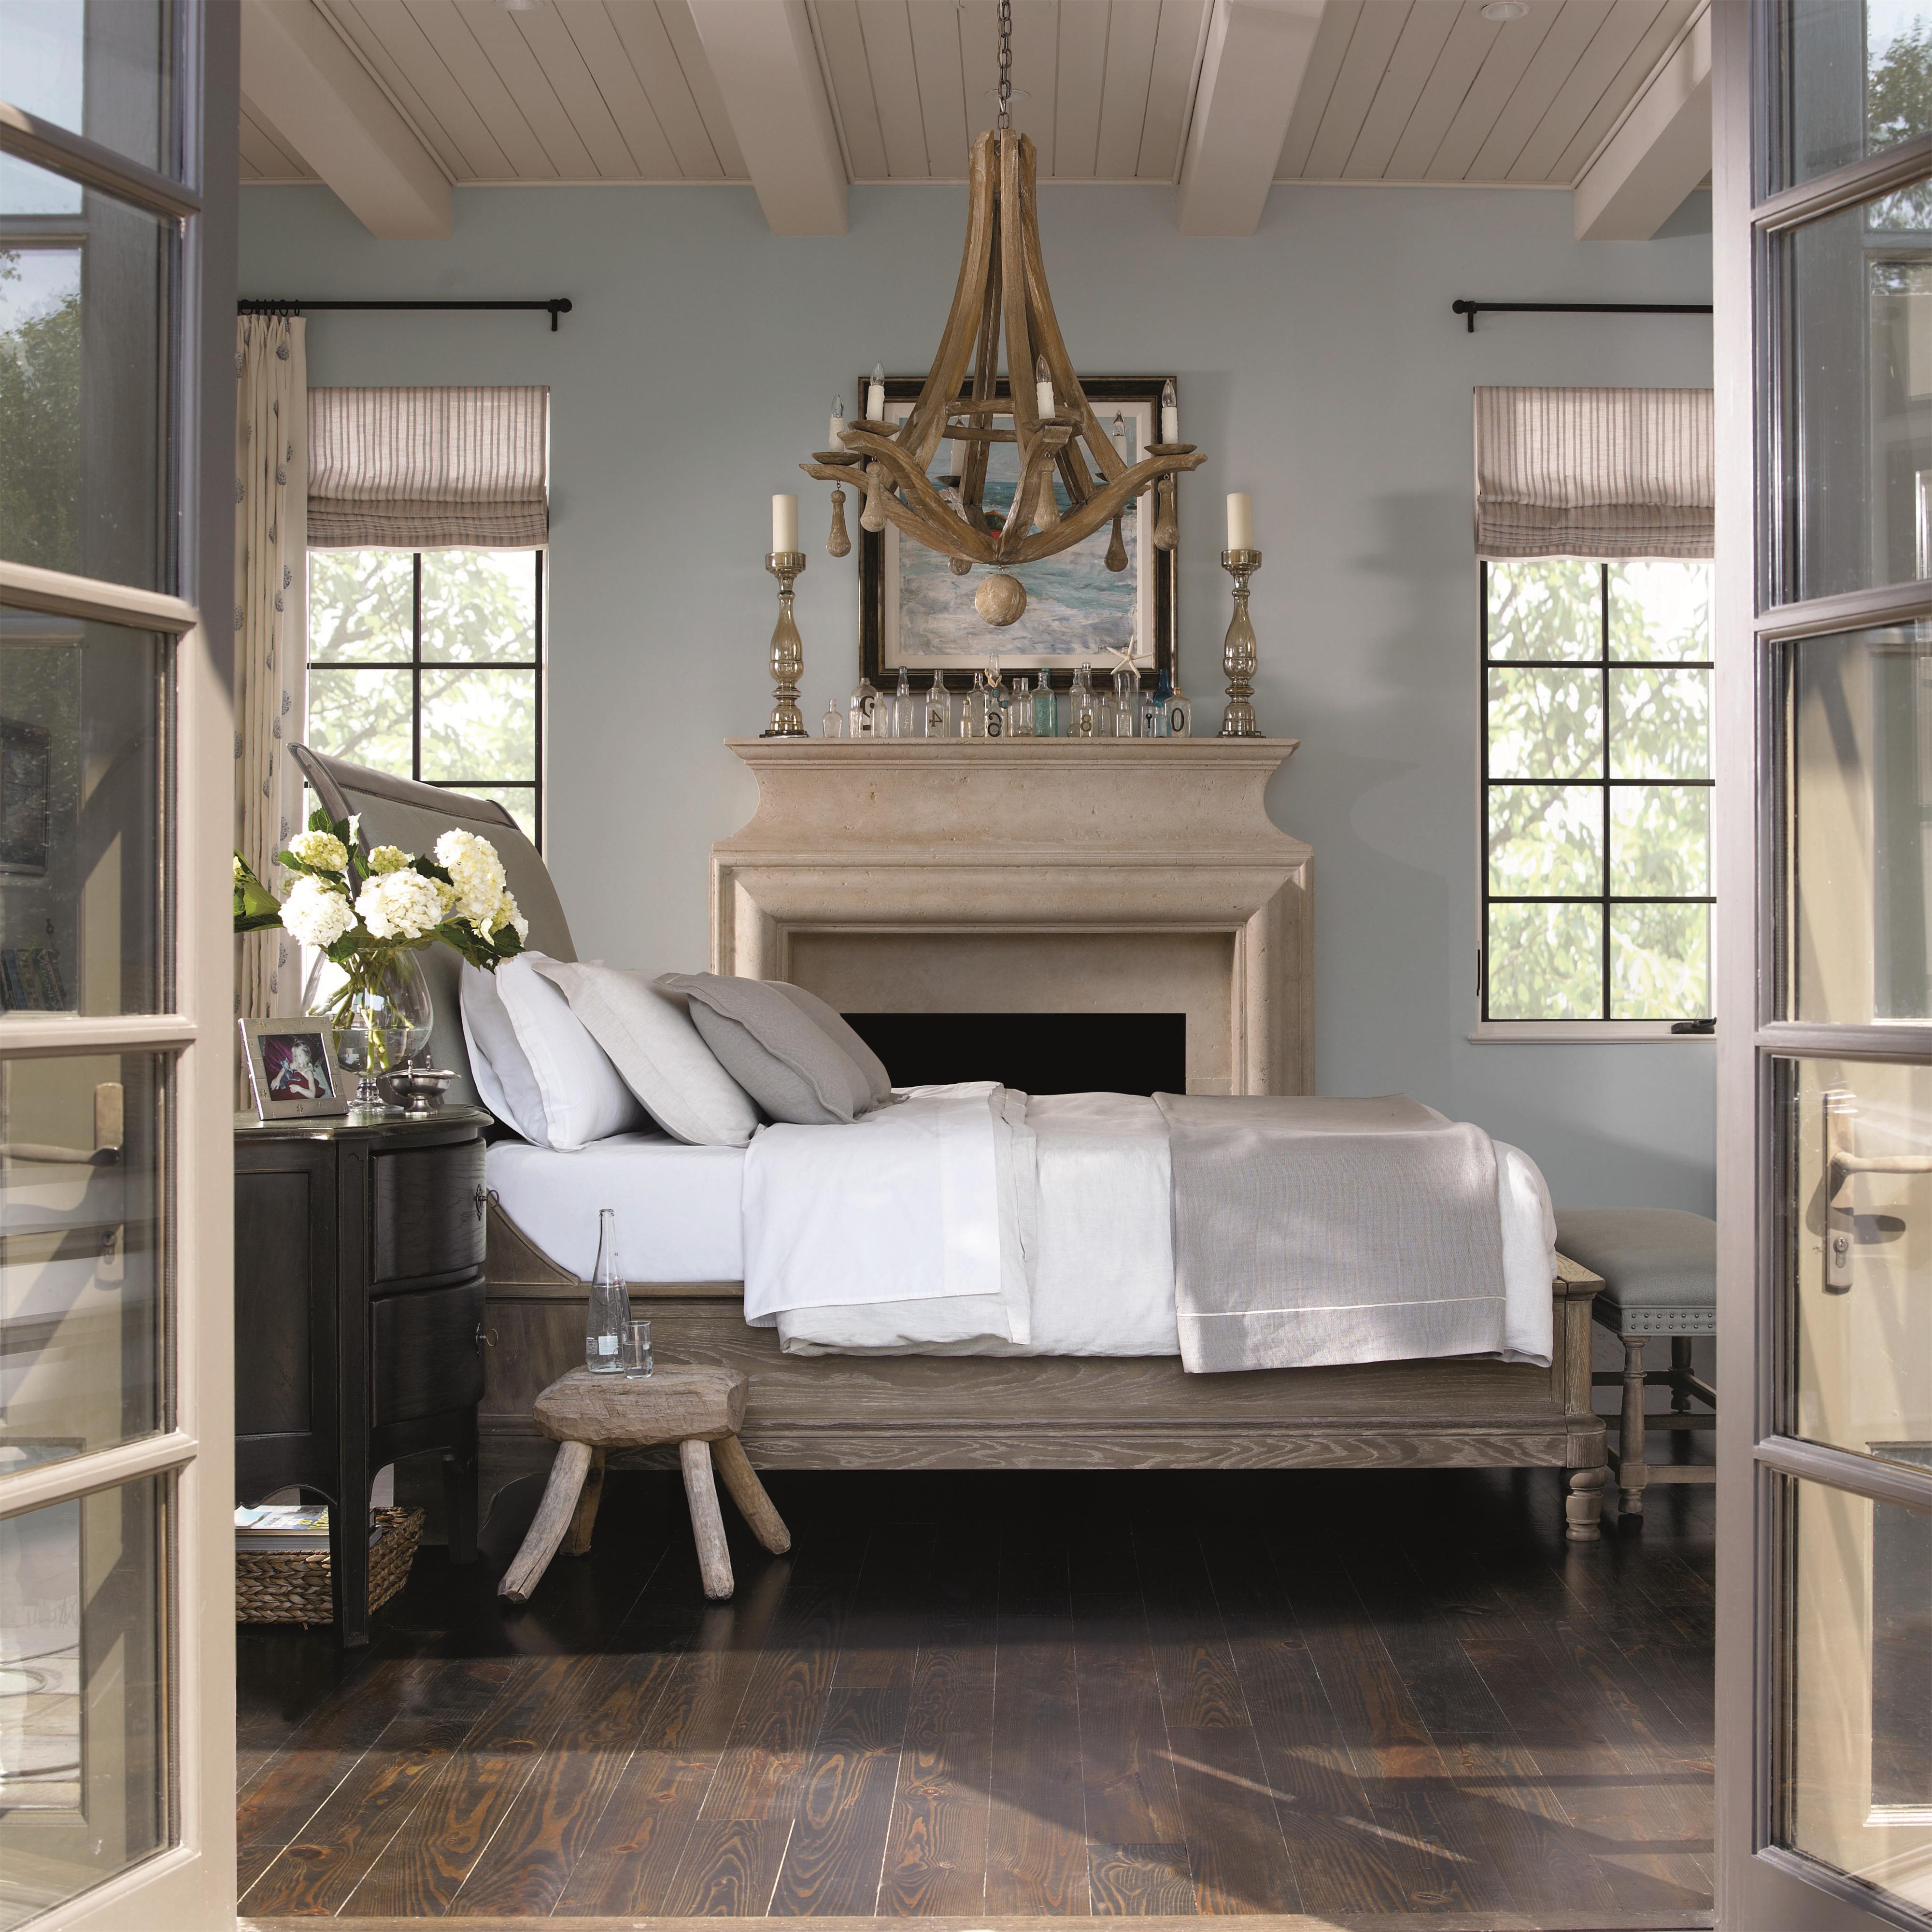 Oak Bedroom Chair Bernhardt Belgian Oak White Oak Dining Table With 2 Leaf Inserts